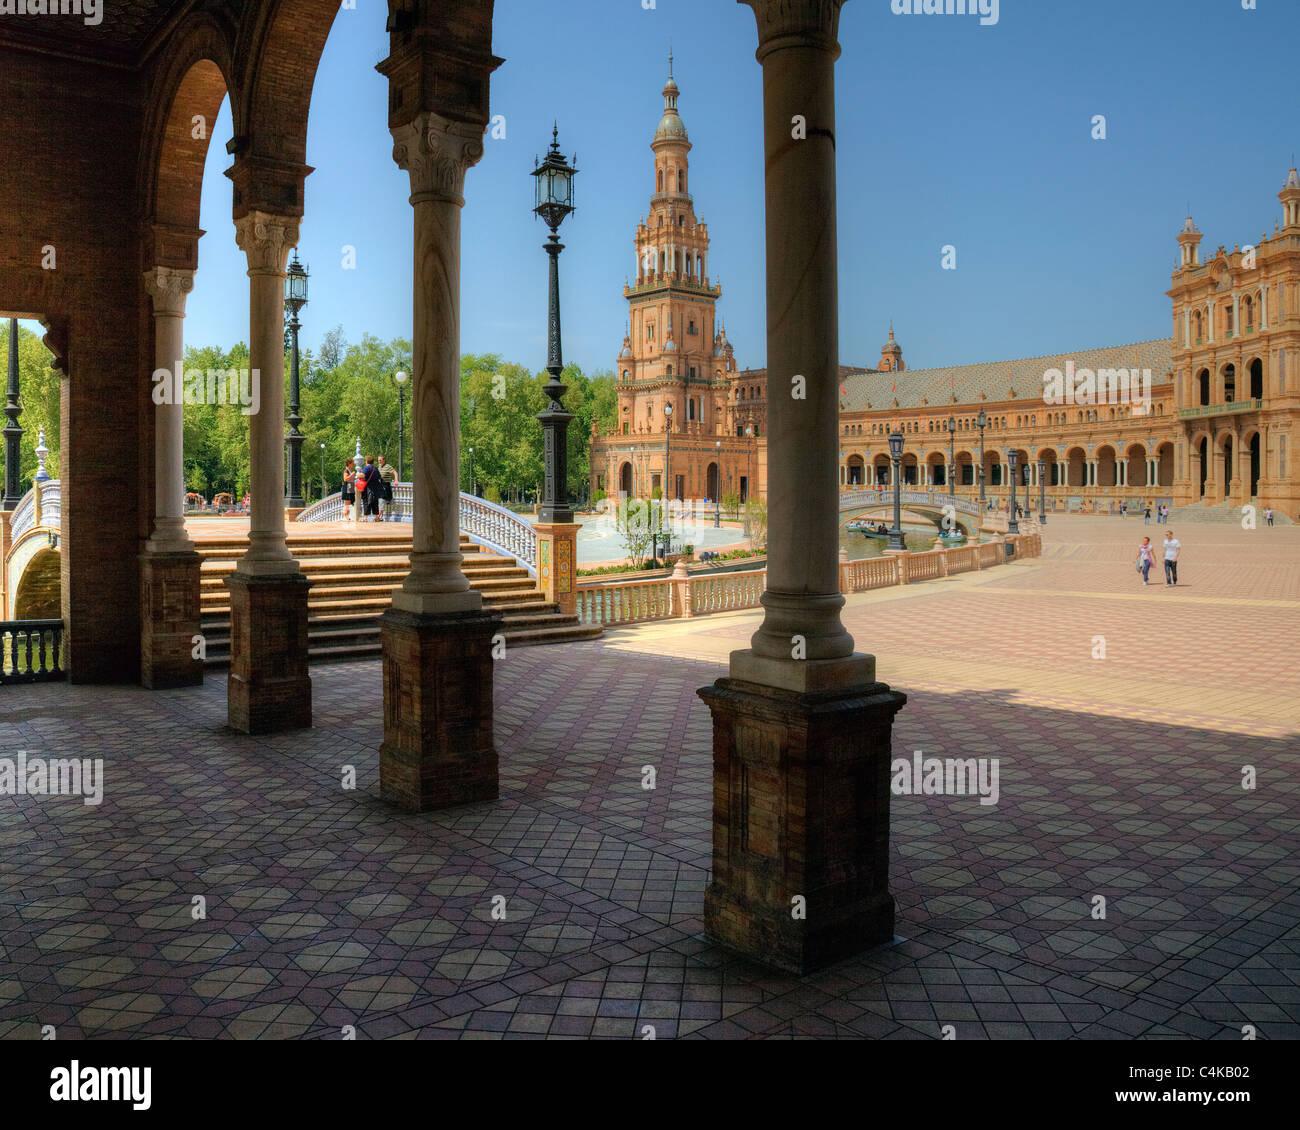 ES - ANDALUSIA: Seville's famous Plaza de Espana - Stock Image